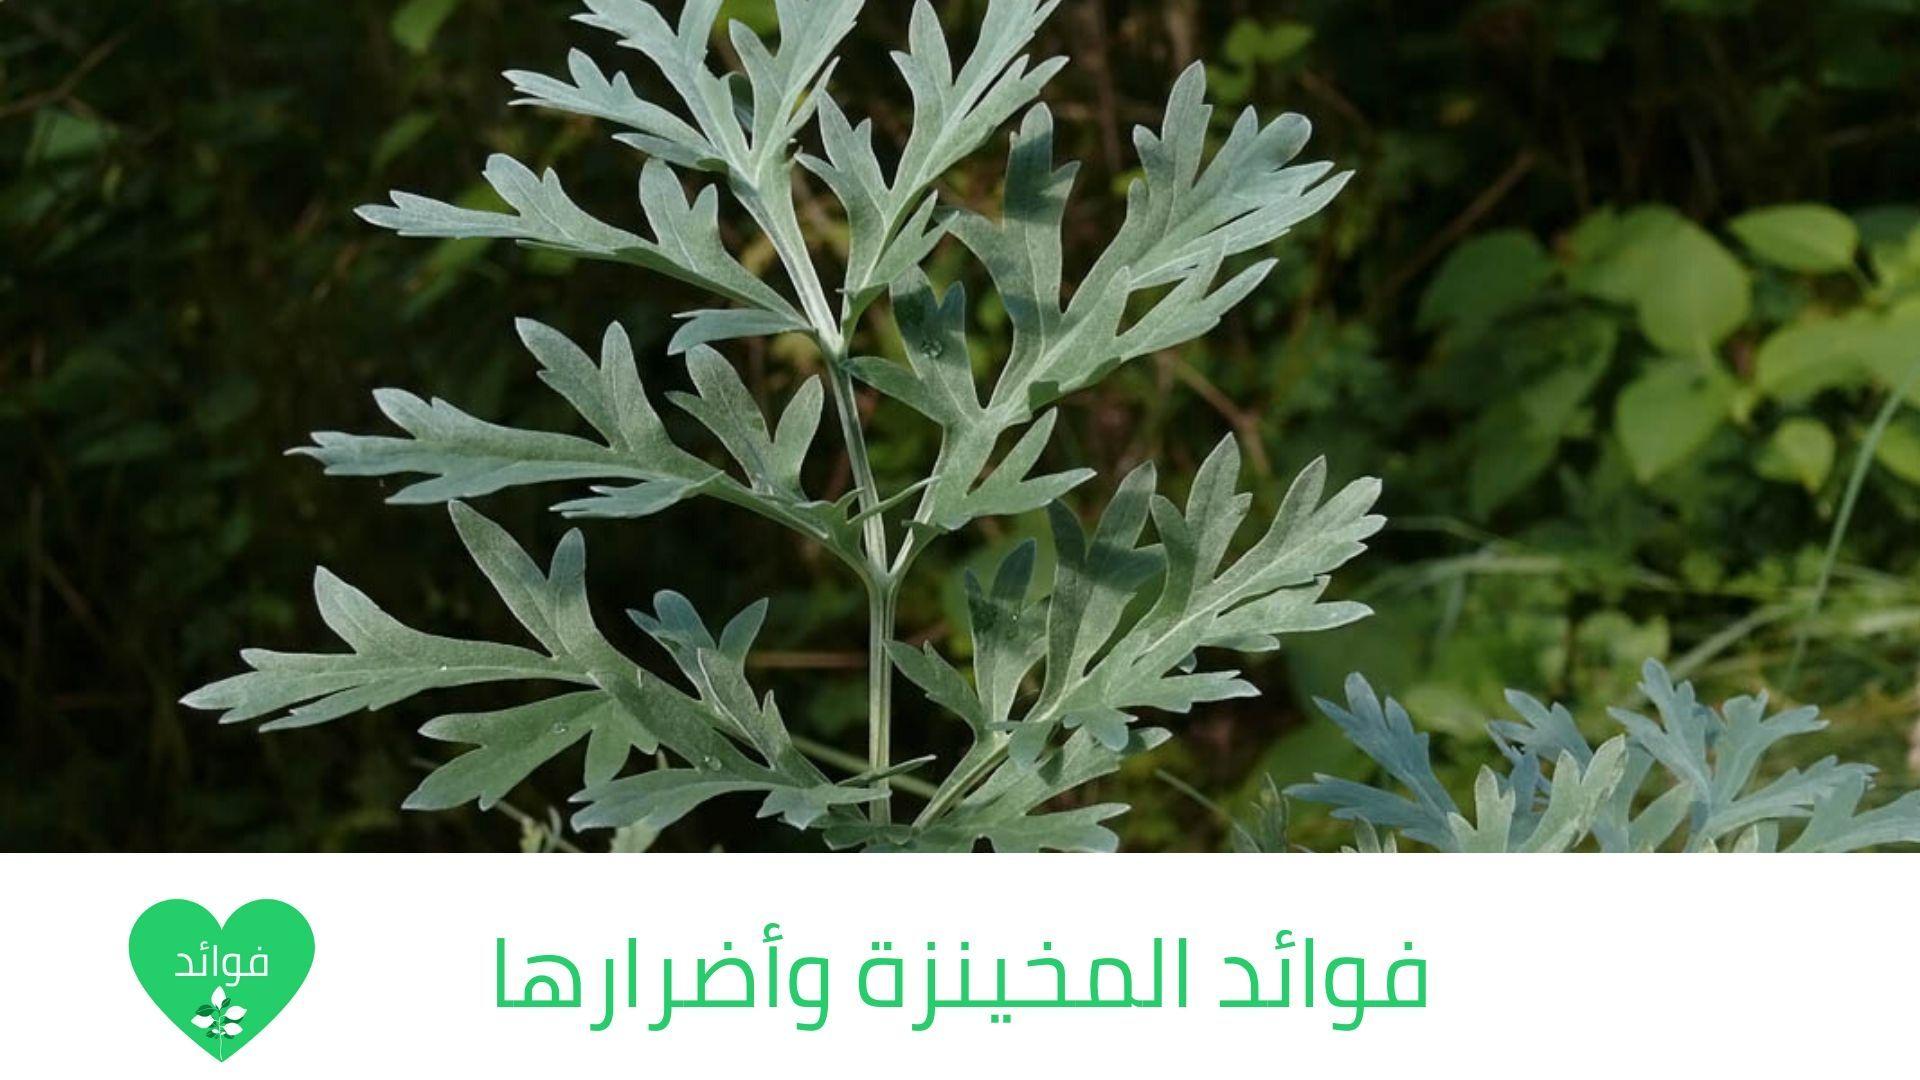 فوائد المخينزة وأضرارها واهم الاستخدامات لهذه النبته الرائعة Herbs Plants